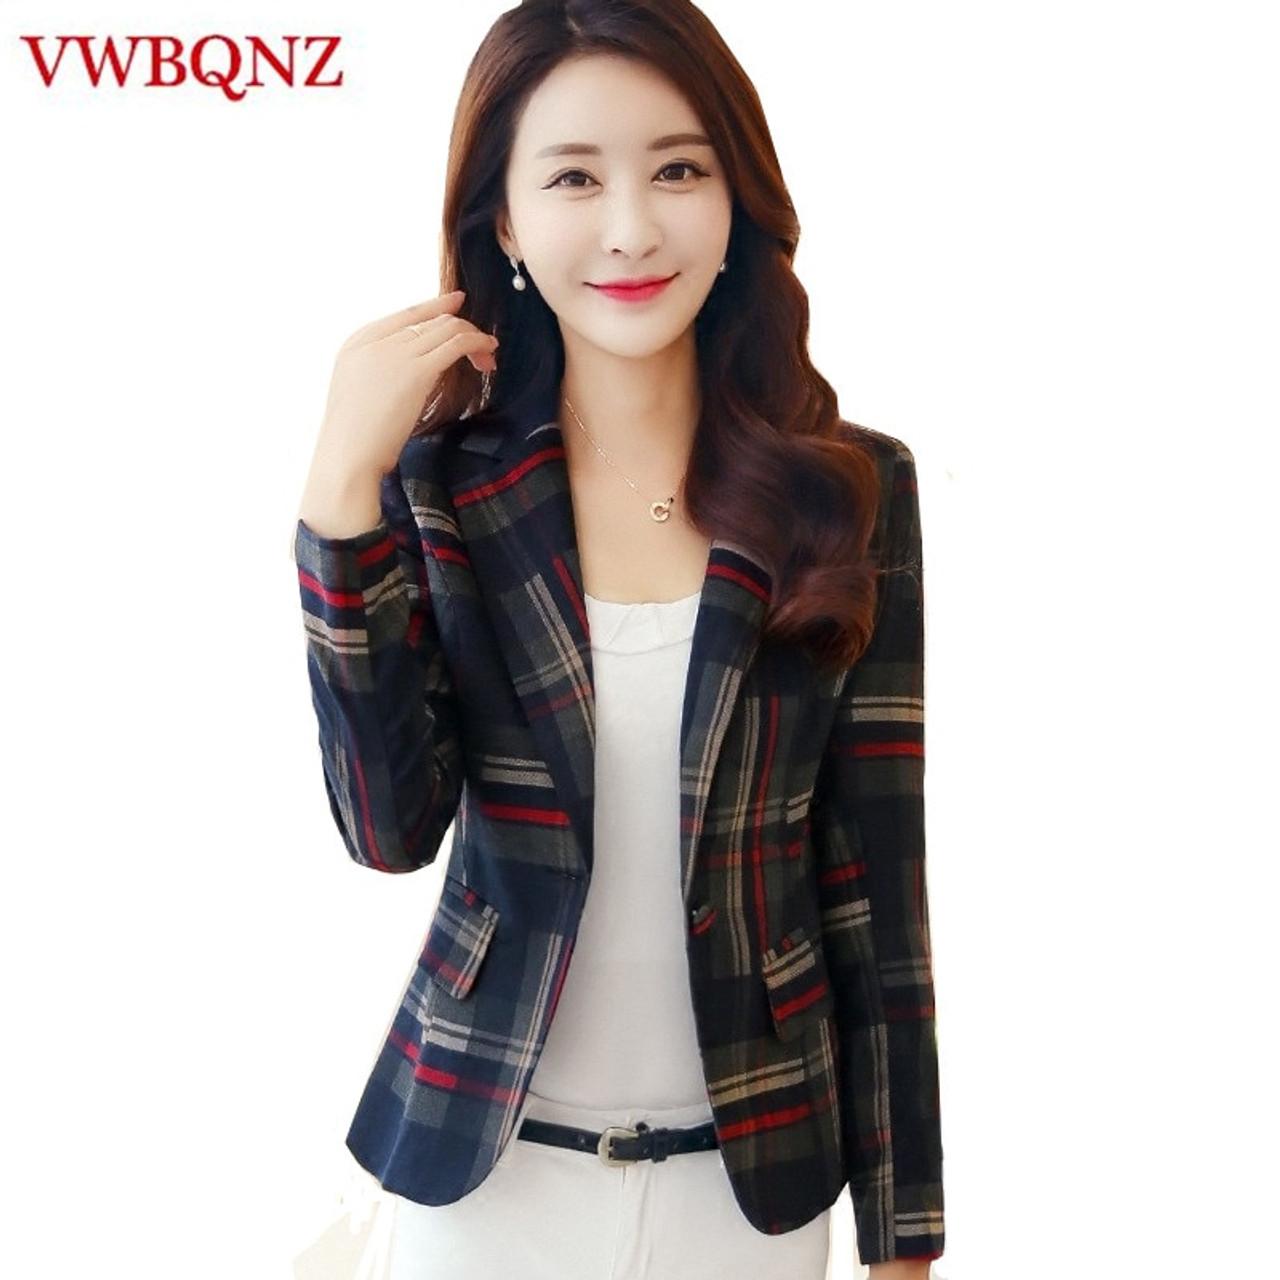 3beb487f6f88e Women Plaid Business Suits Spring Autumn Single Button Female Blazers  Jackets Short Slim Plaid Blazer Women Suit Plus Size 3XL